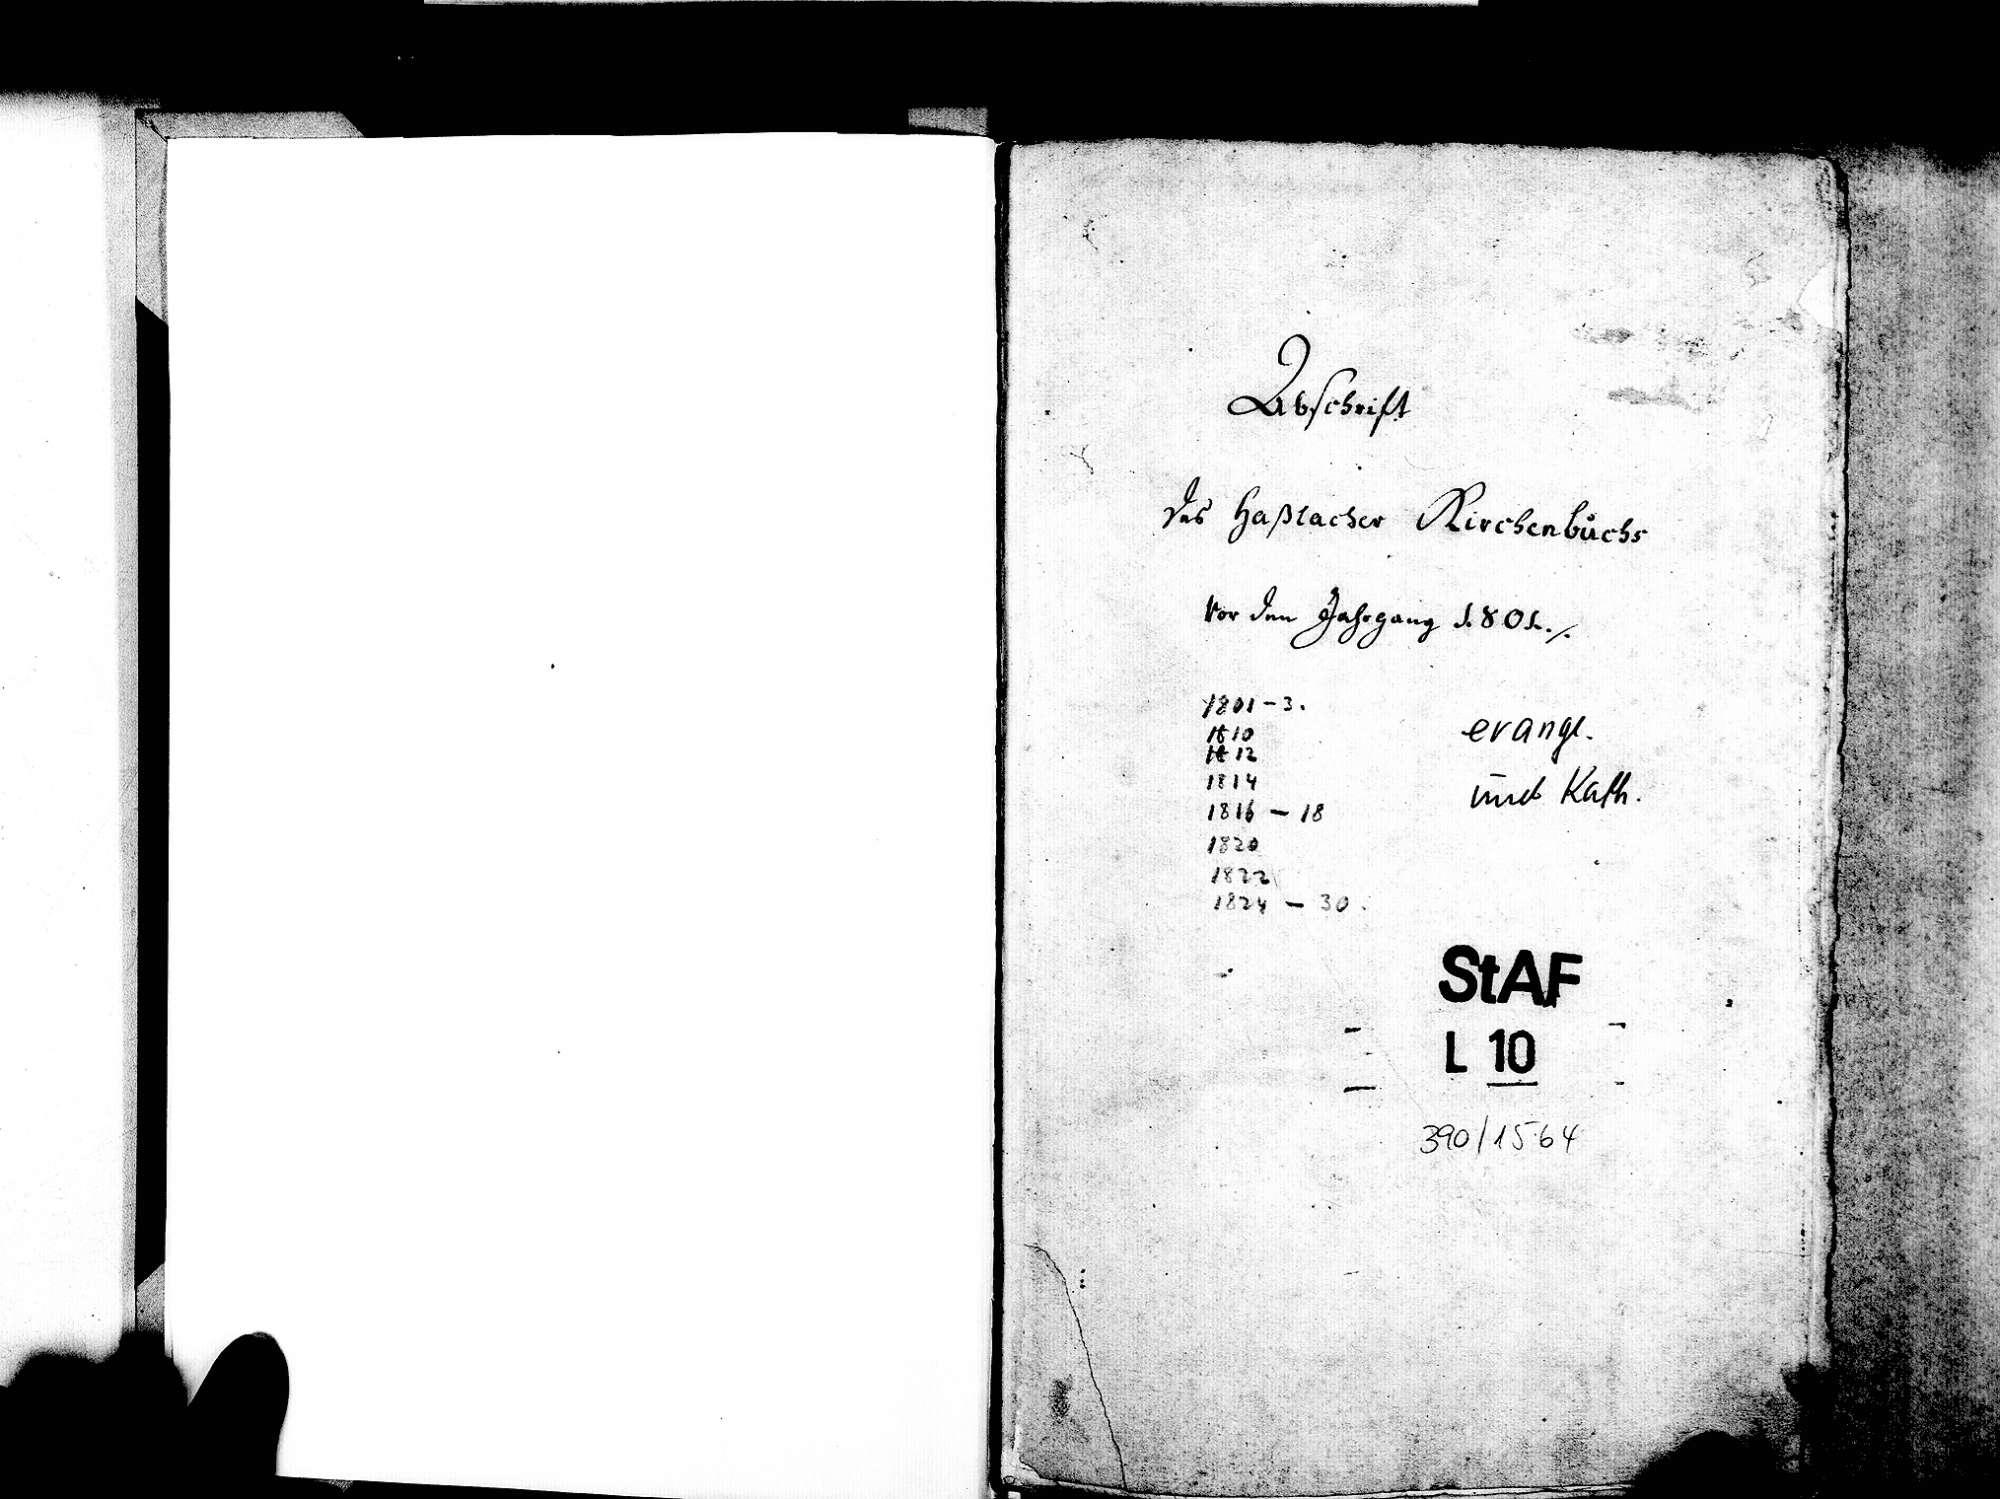 Haslach, Freiburg FR; Evangelische Gemeinde: Standesbuch 1801-1870 Enthält: Einzelne Katholische Einträge, Bild 2